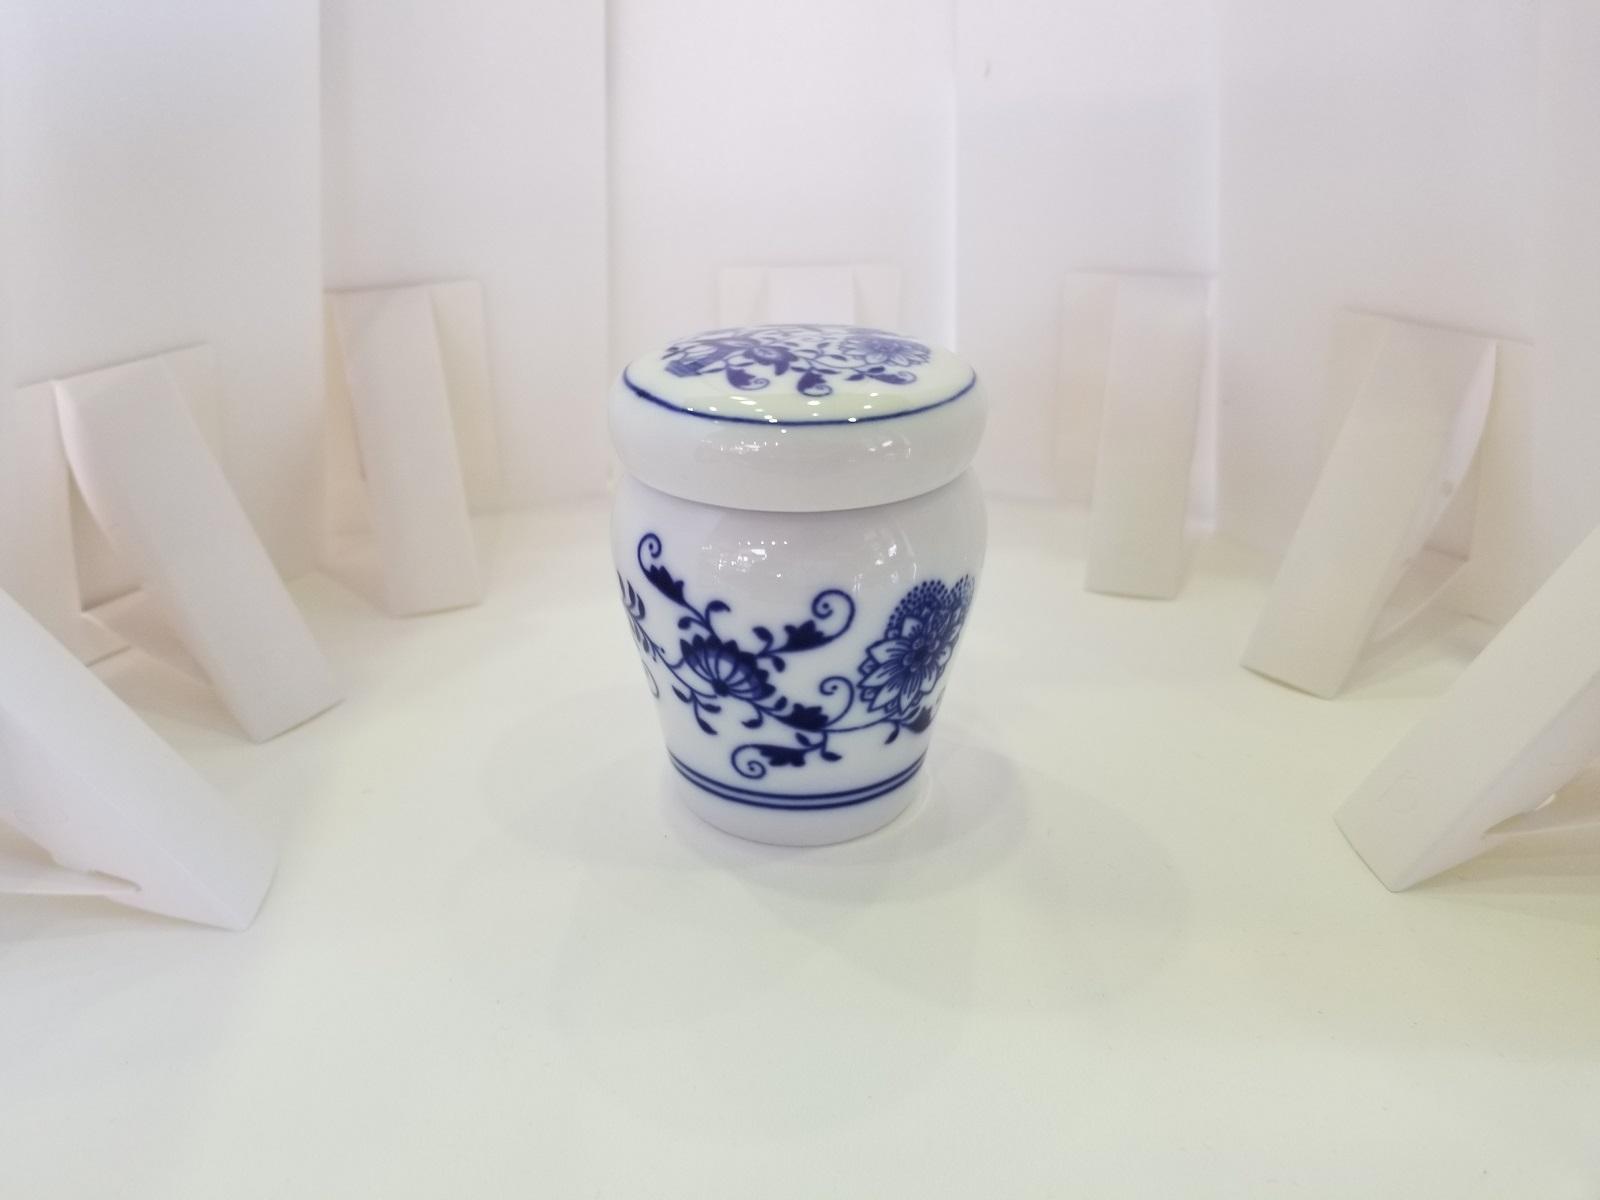 世界三大ブルーオニオンの1つボヘミアンブルーオニオン ヨーロッパから心安らぐ磁器の逸品です Soul ブルーオニオン トラディショナル PetitPot 安心の定価販売 おトク